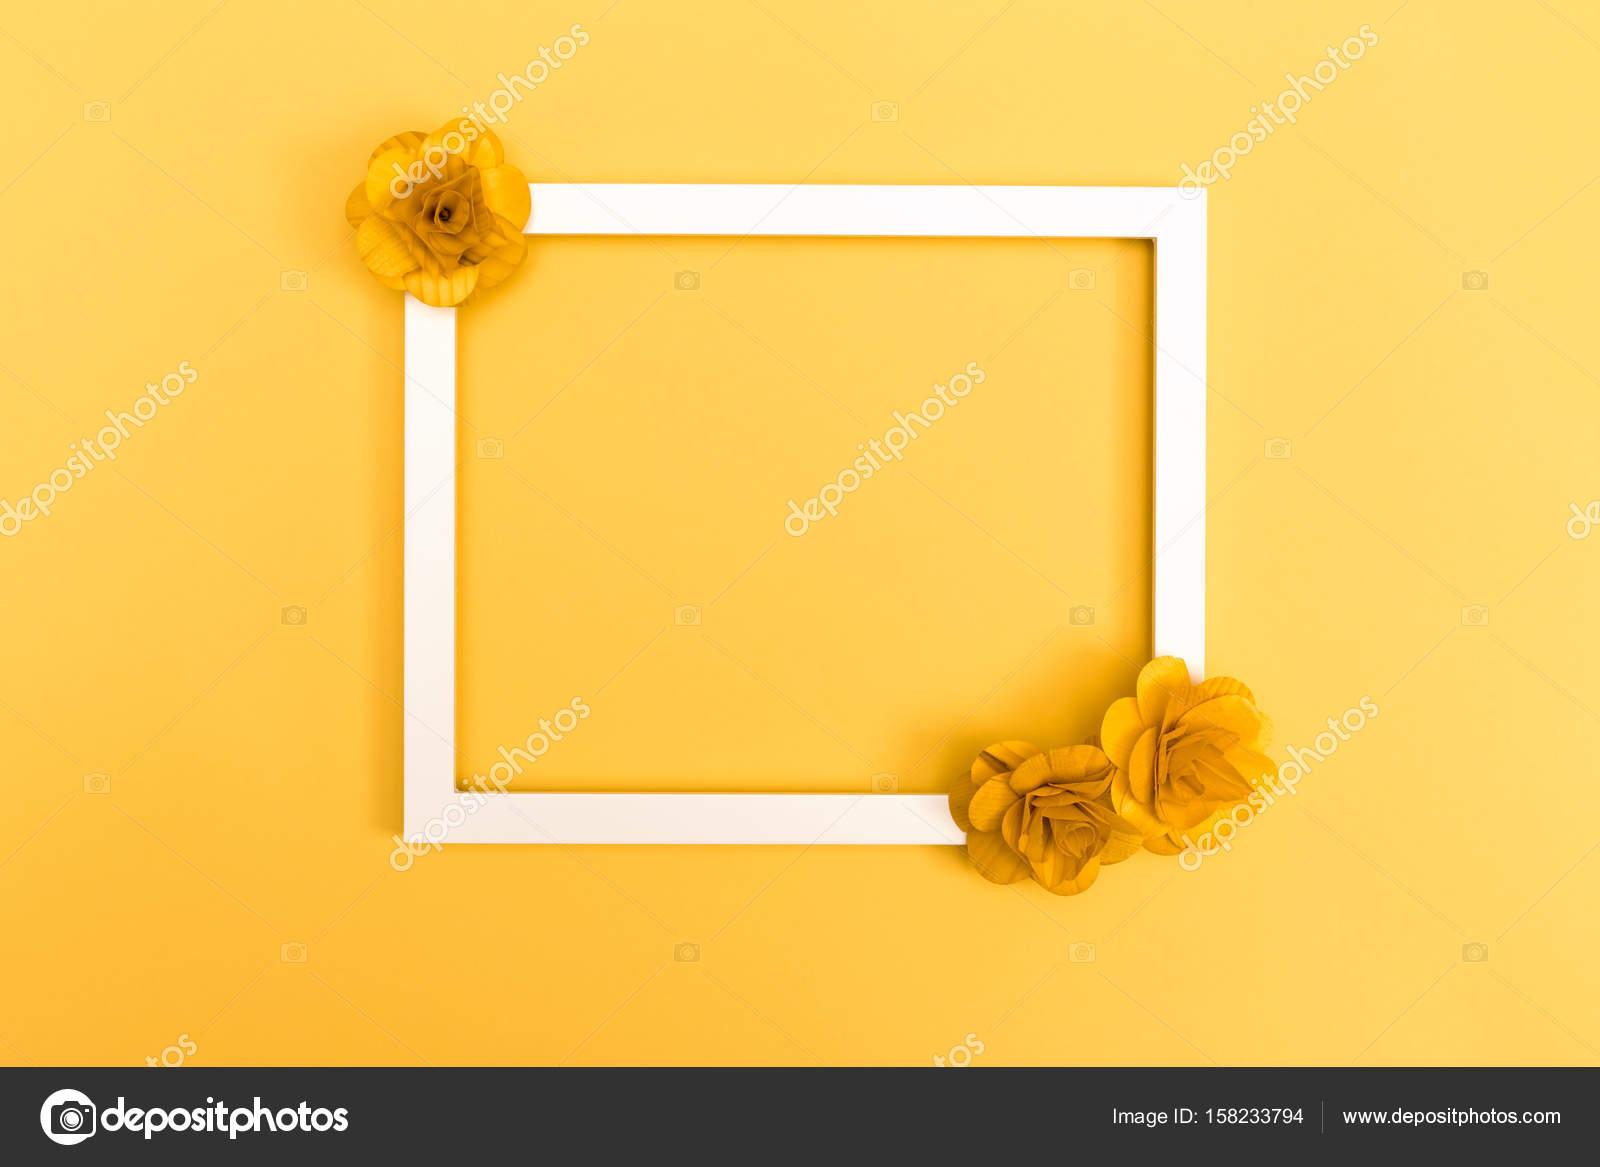 Bilderrahmen mit Blumen auf gelb — Stockfoto © Melpomene #158233794